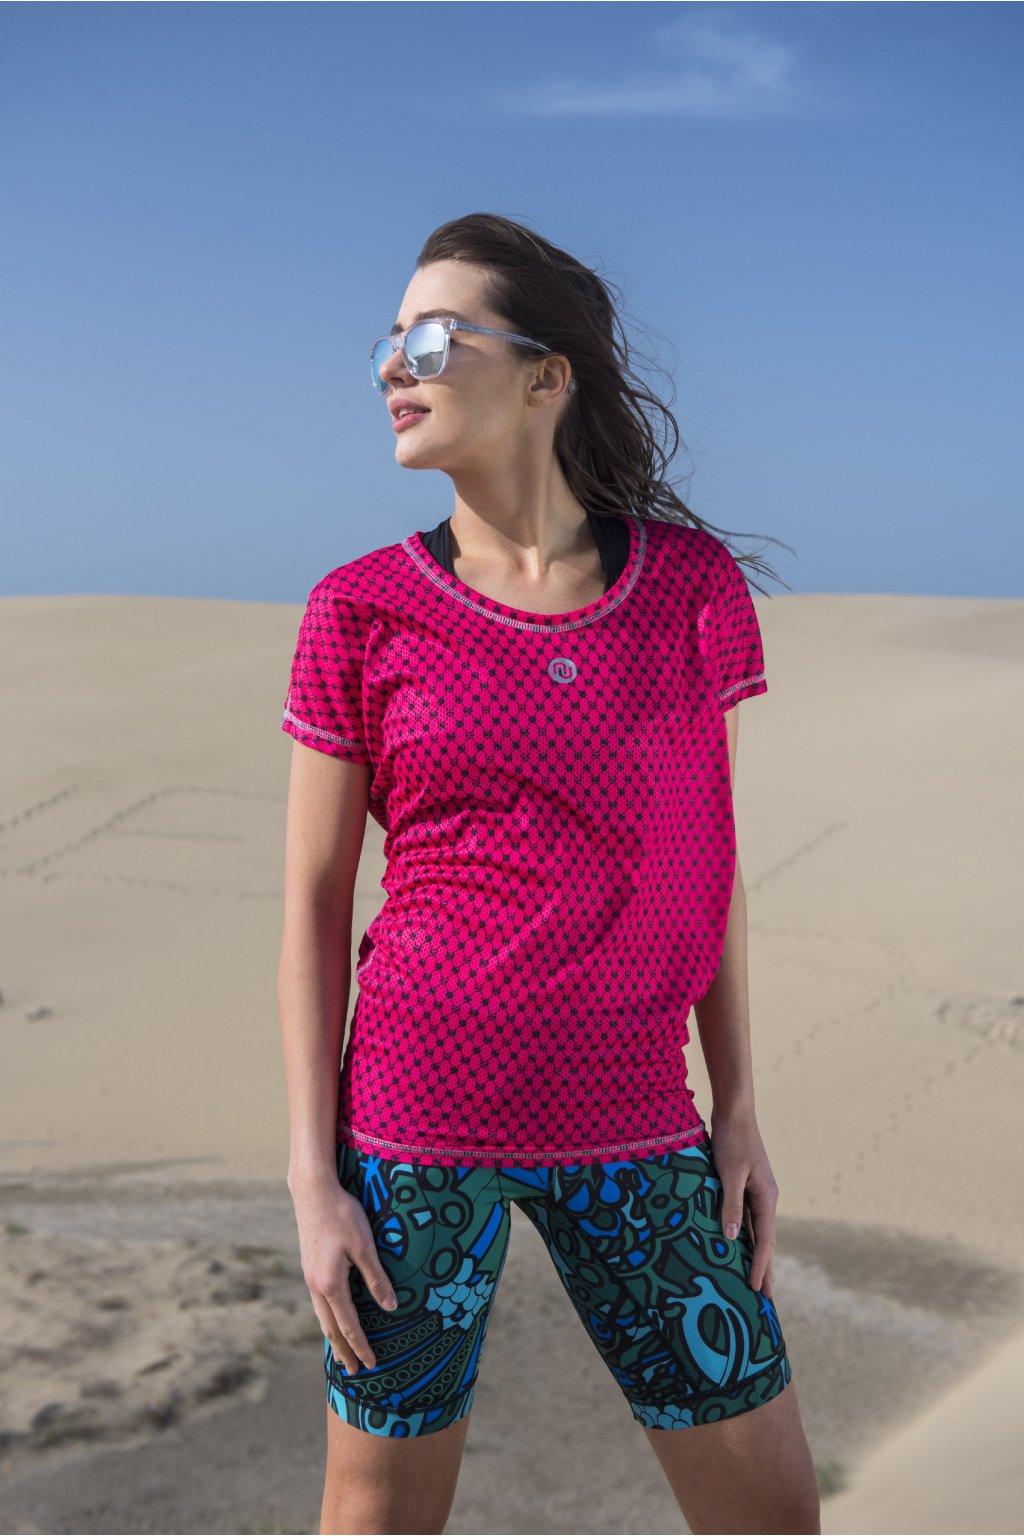 d545972ffb61 Jaro-léto - Nessi Sportswear